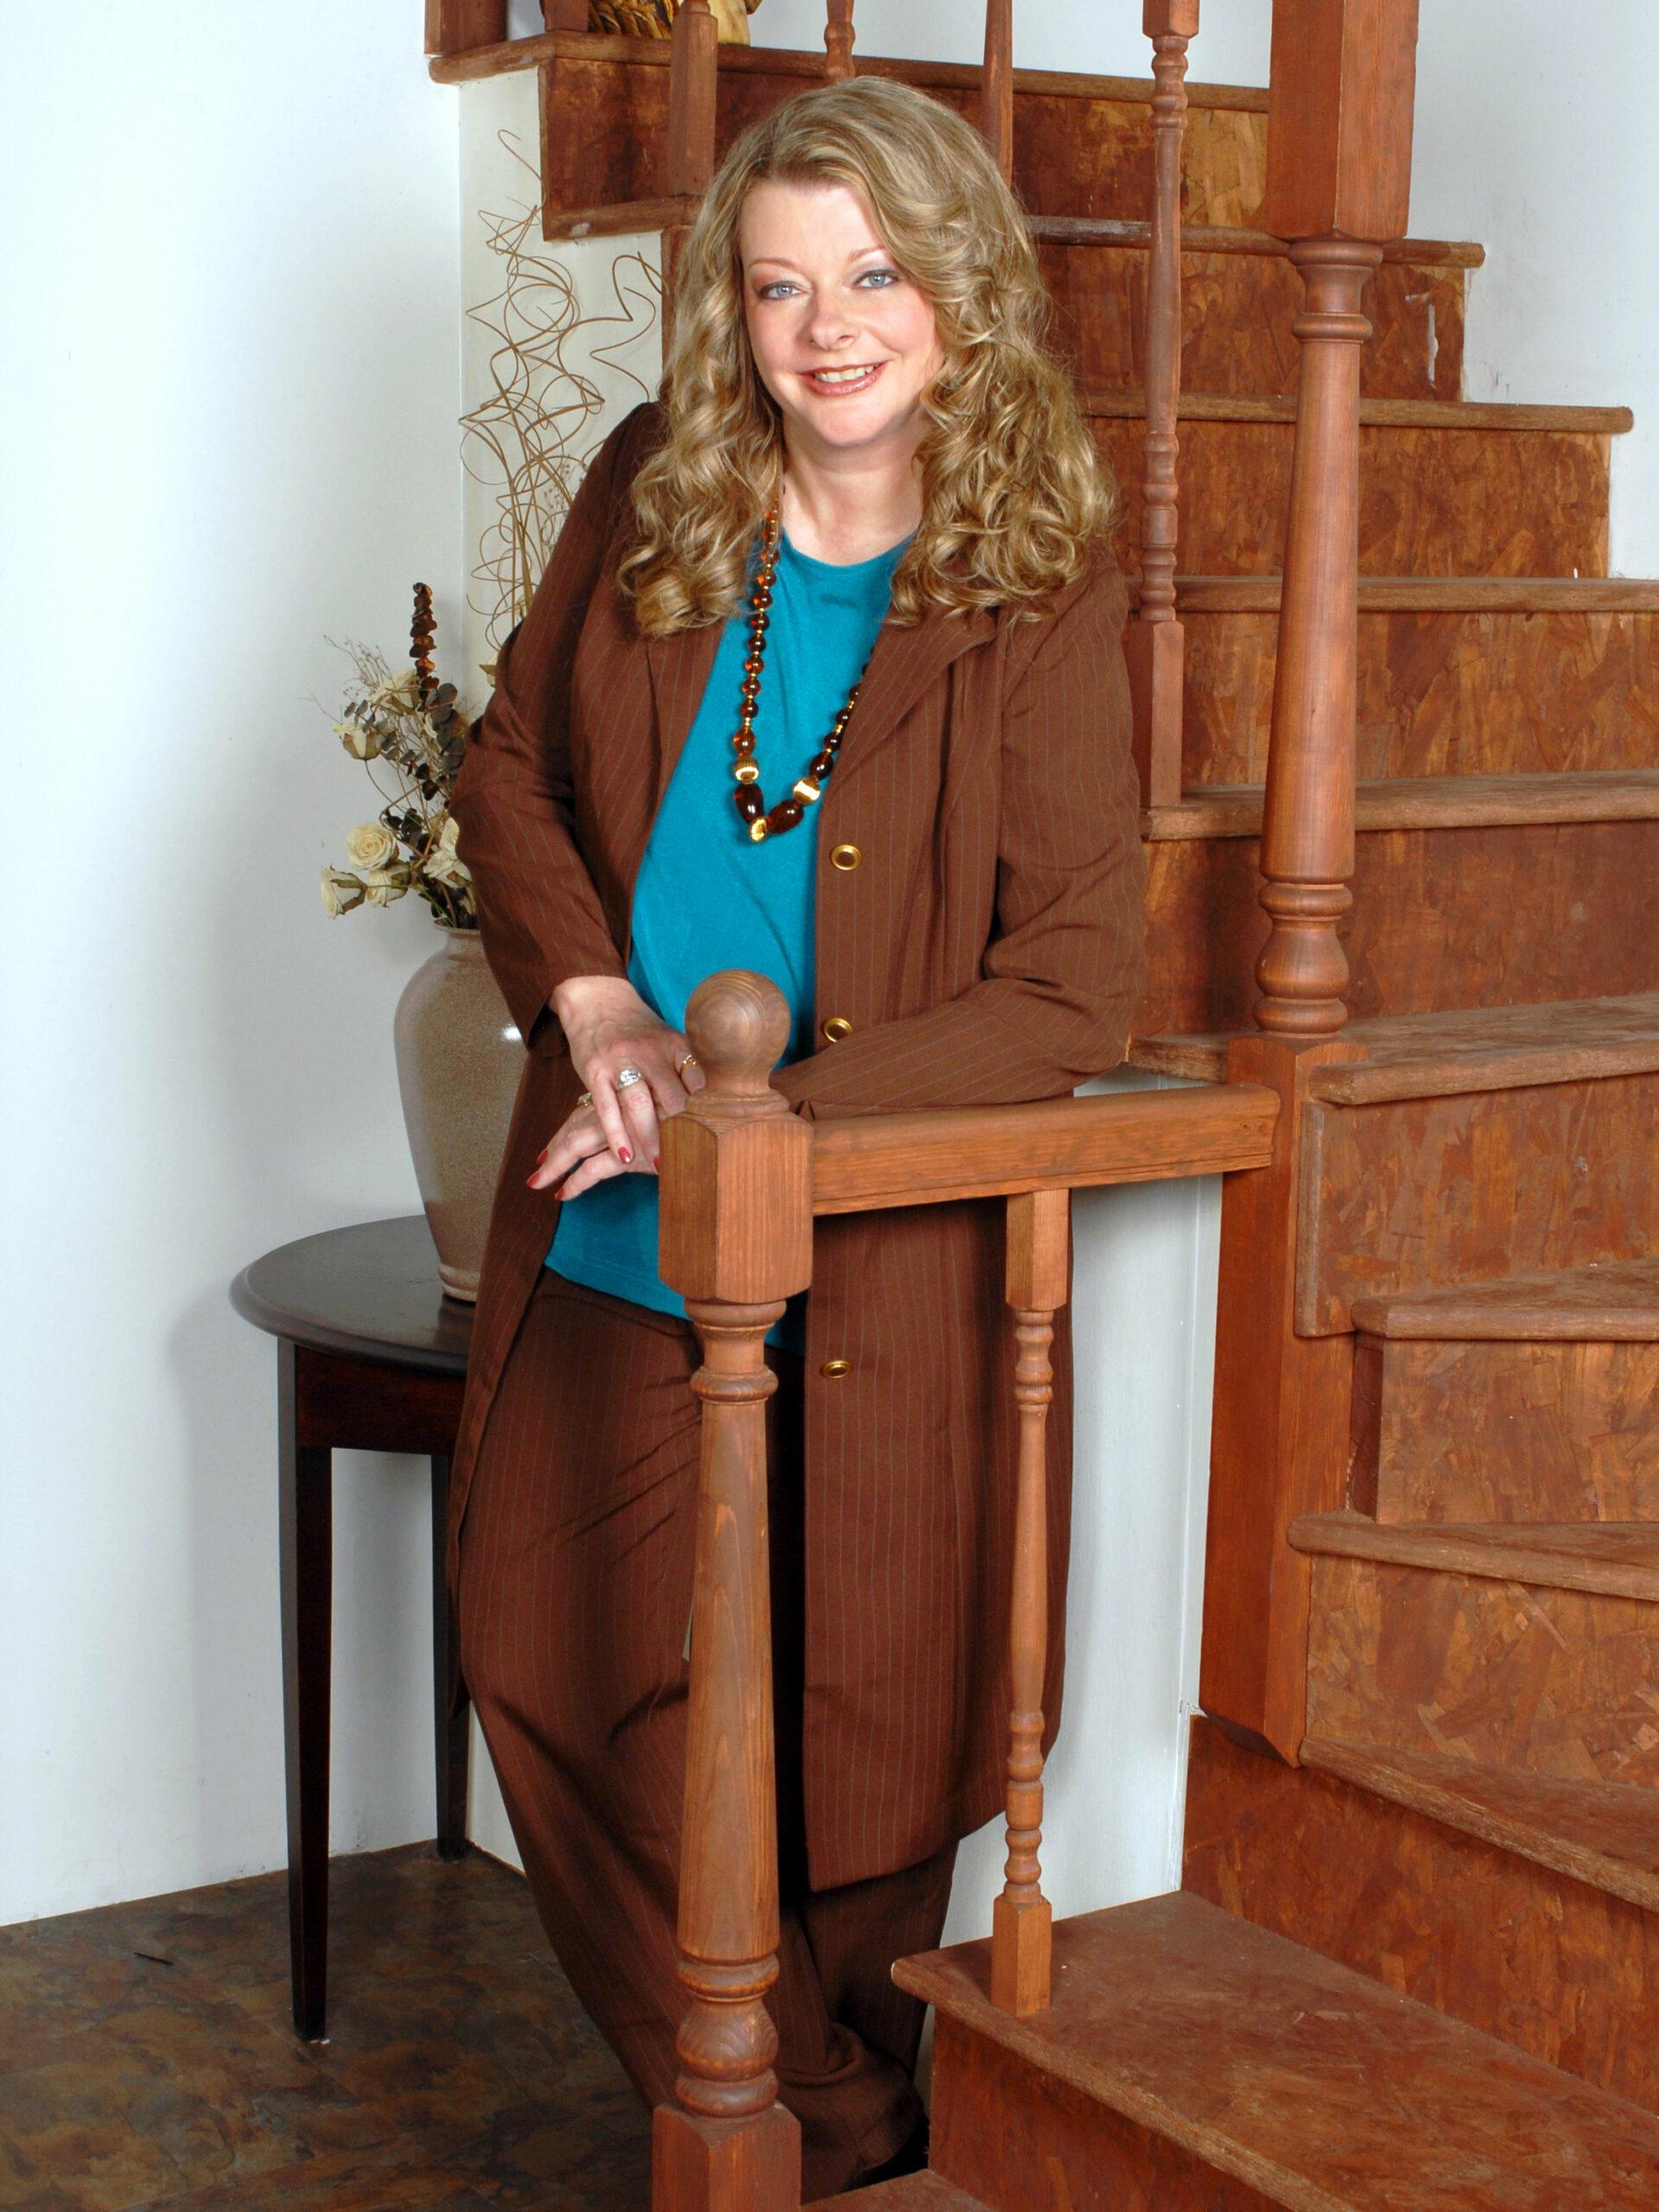 Chloe D. Merrill